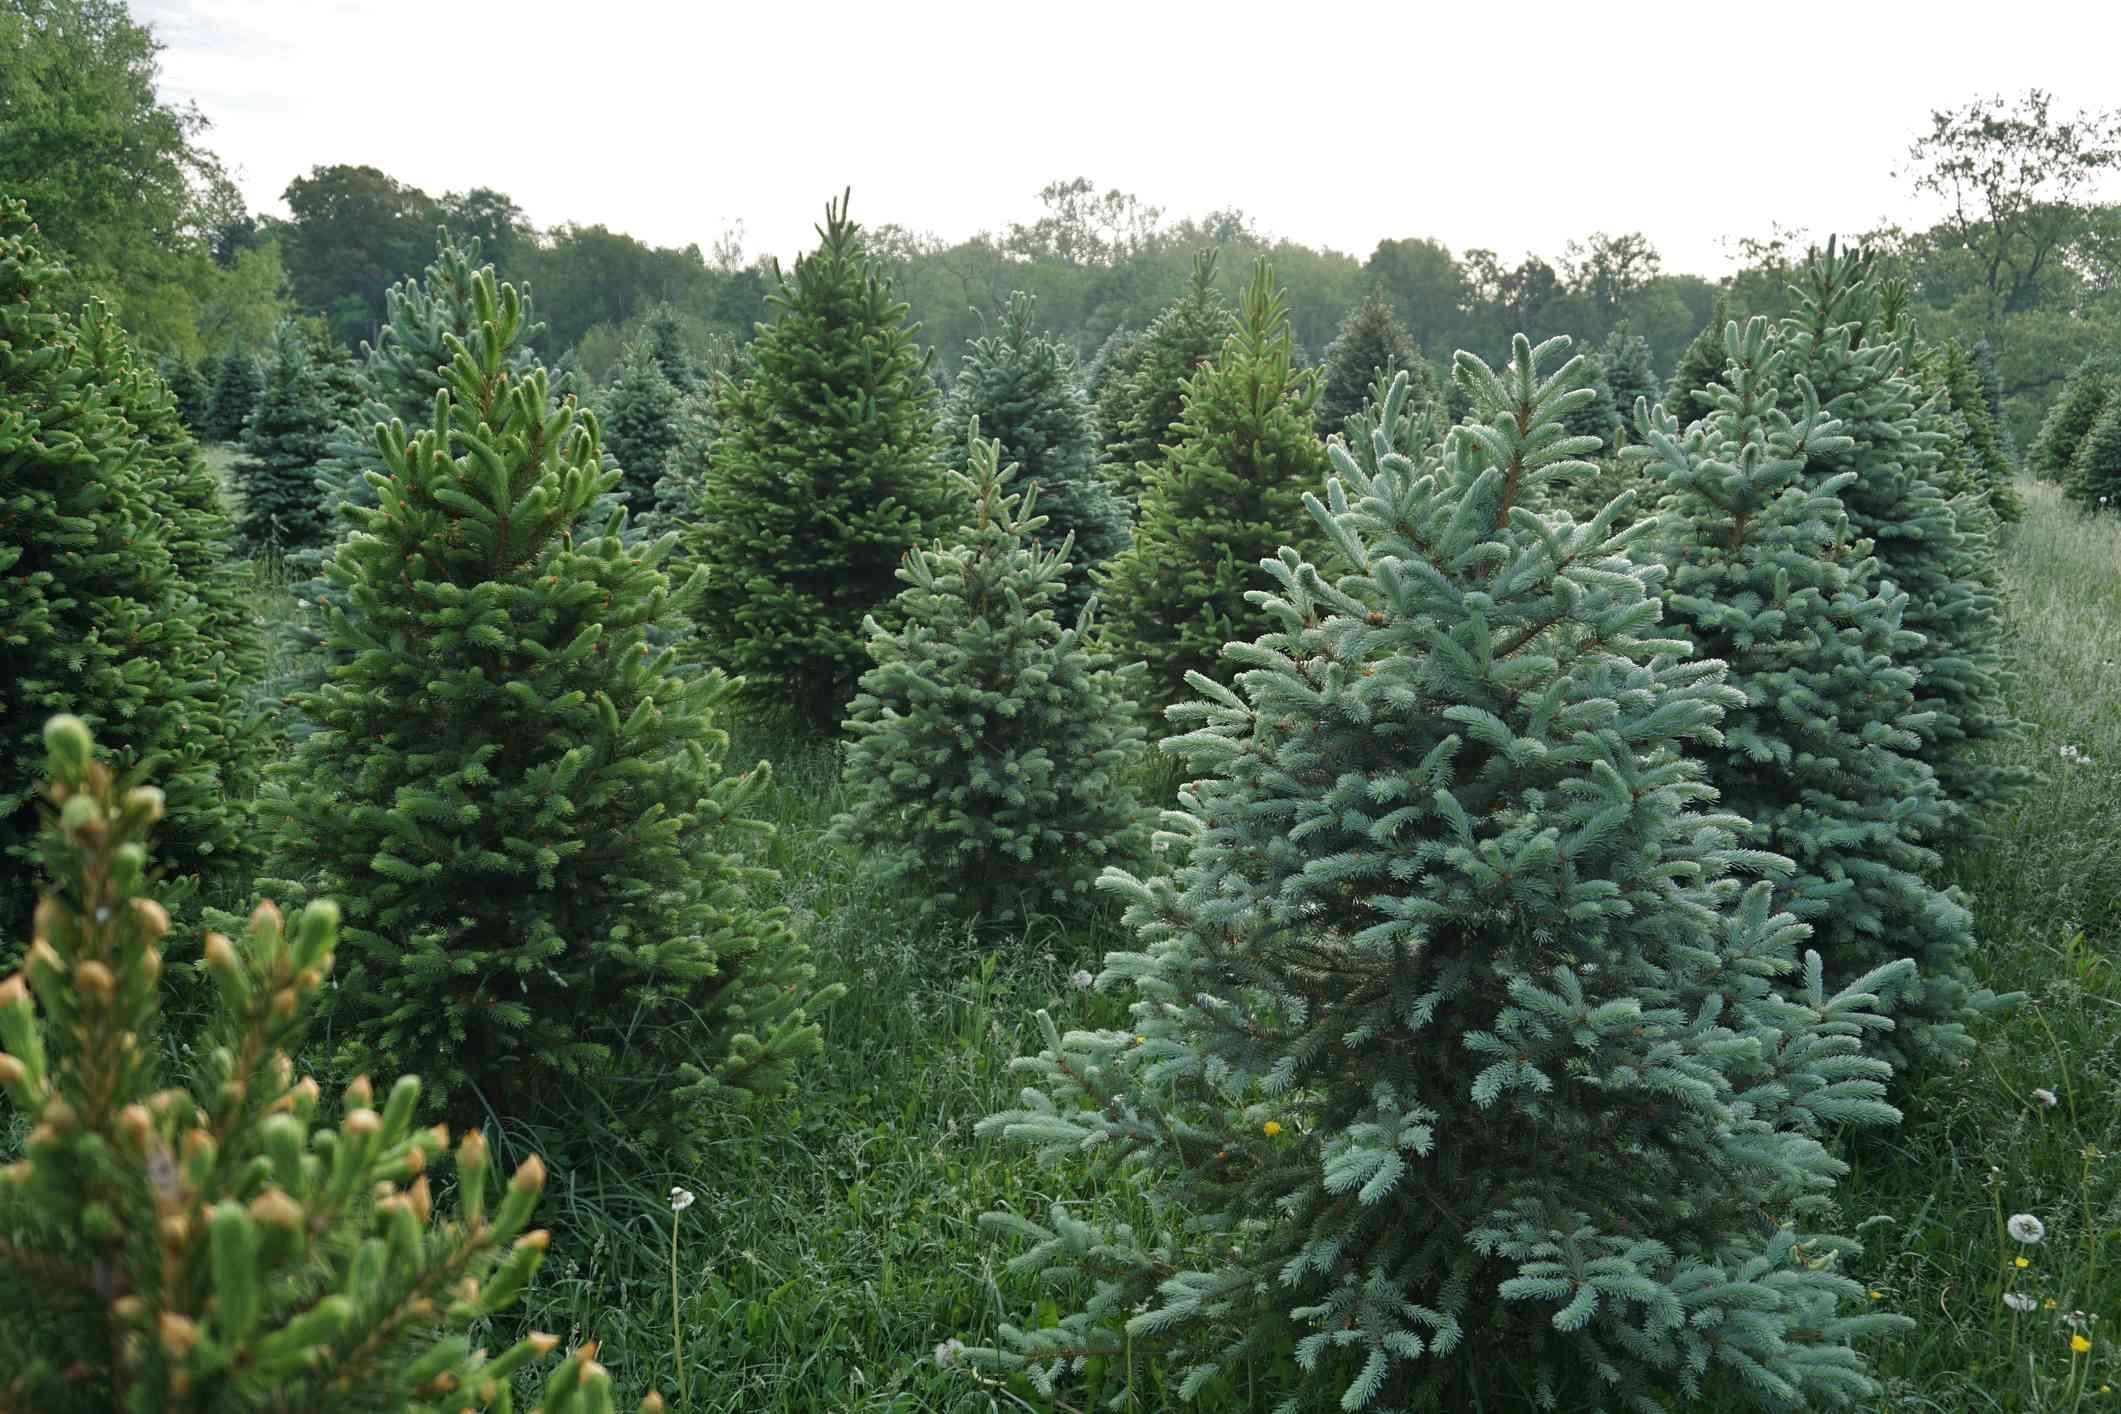 A Christmas tree farm with fir trees.